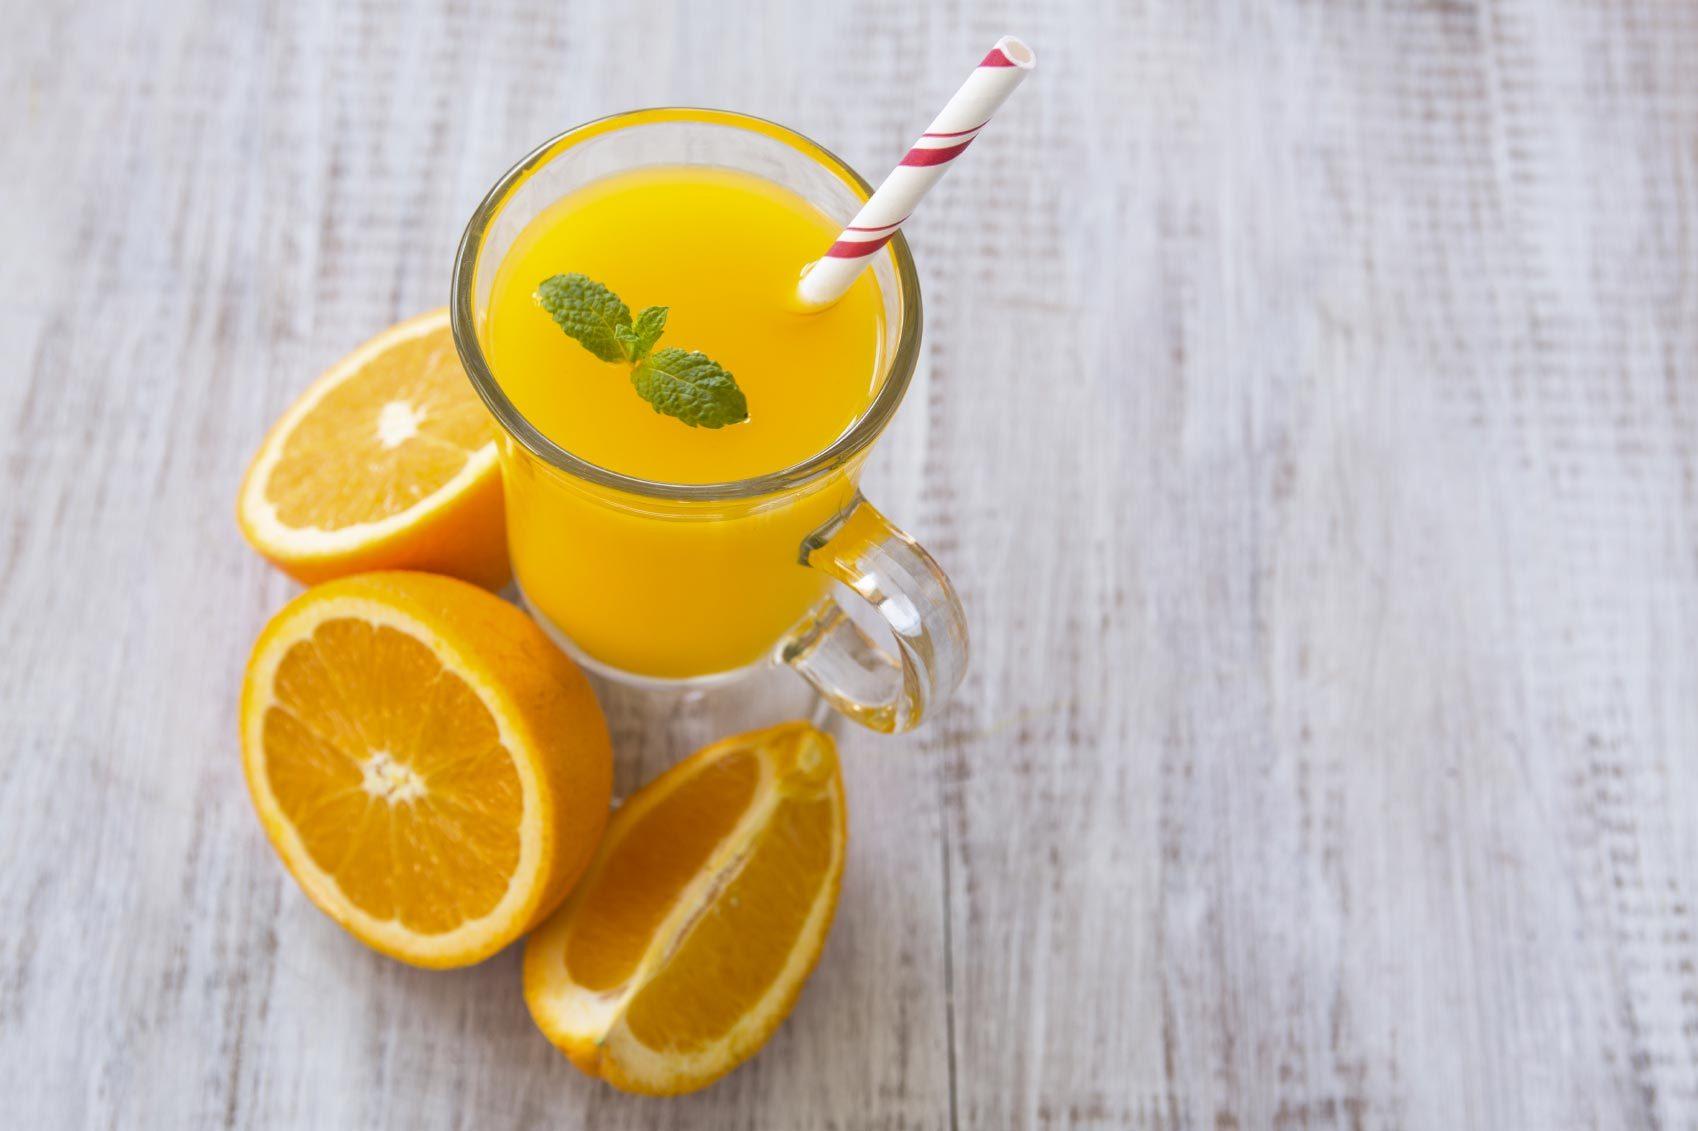 Achats chez Costco : évitez le jus d'orange.